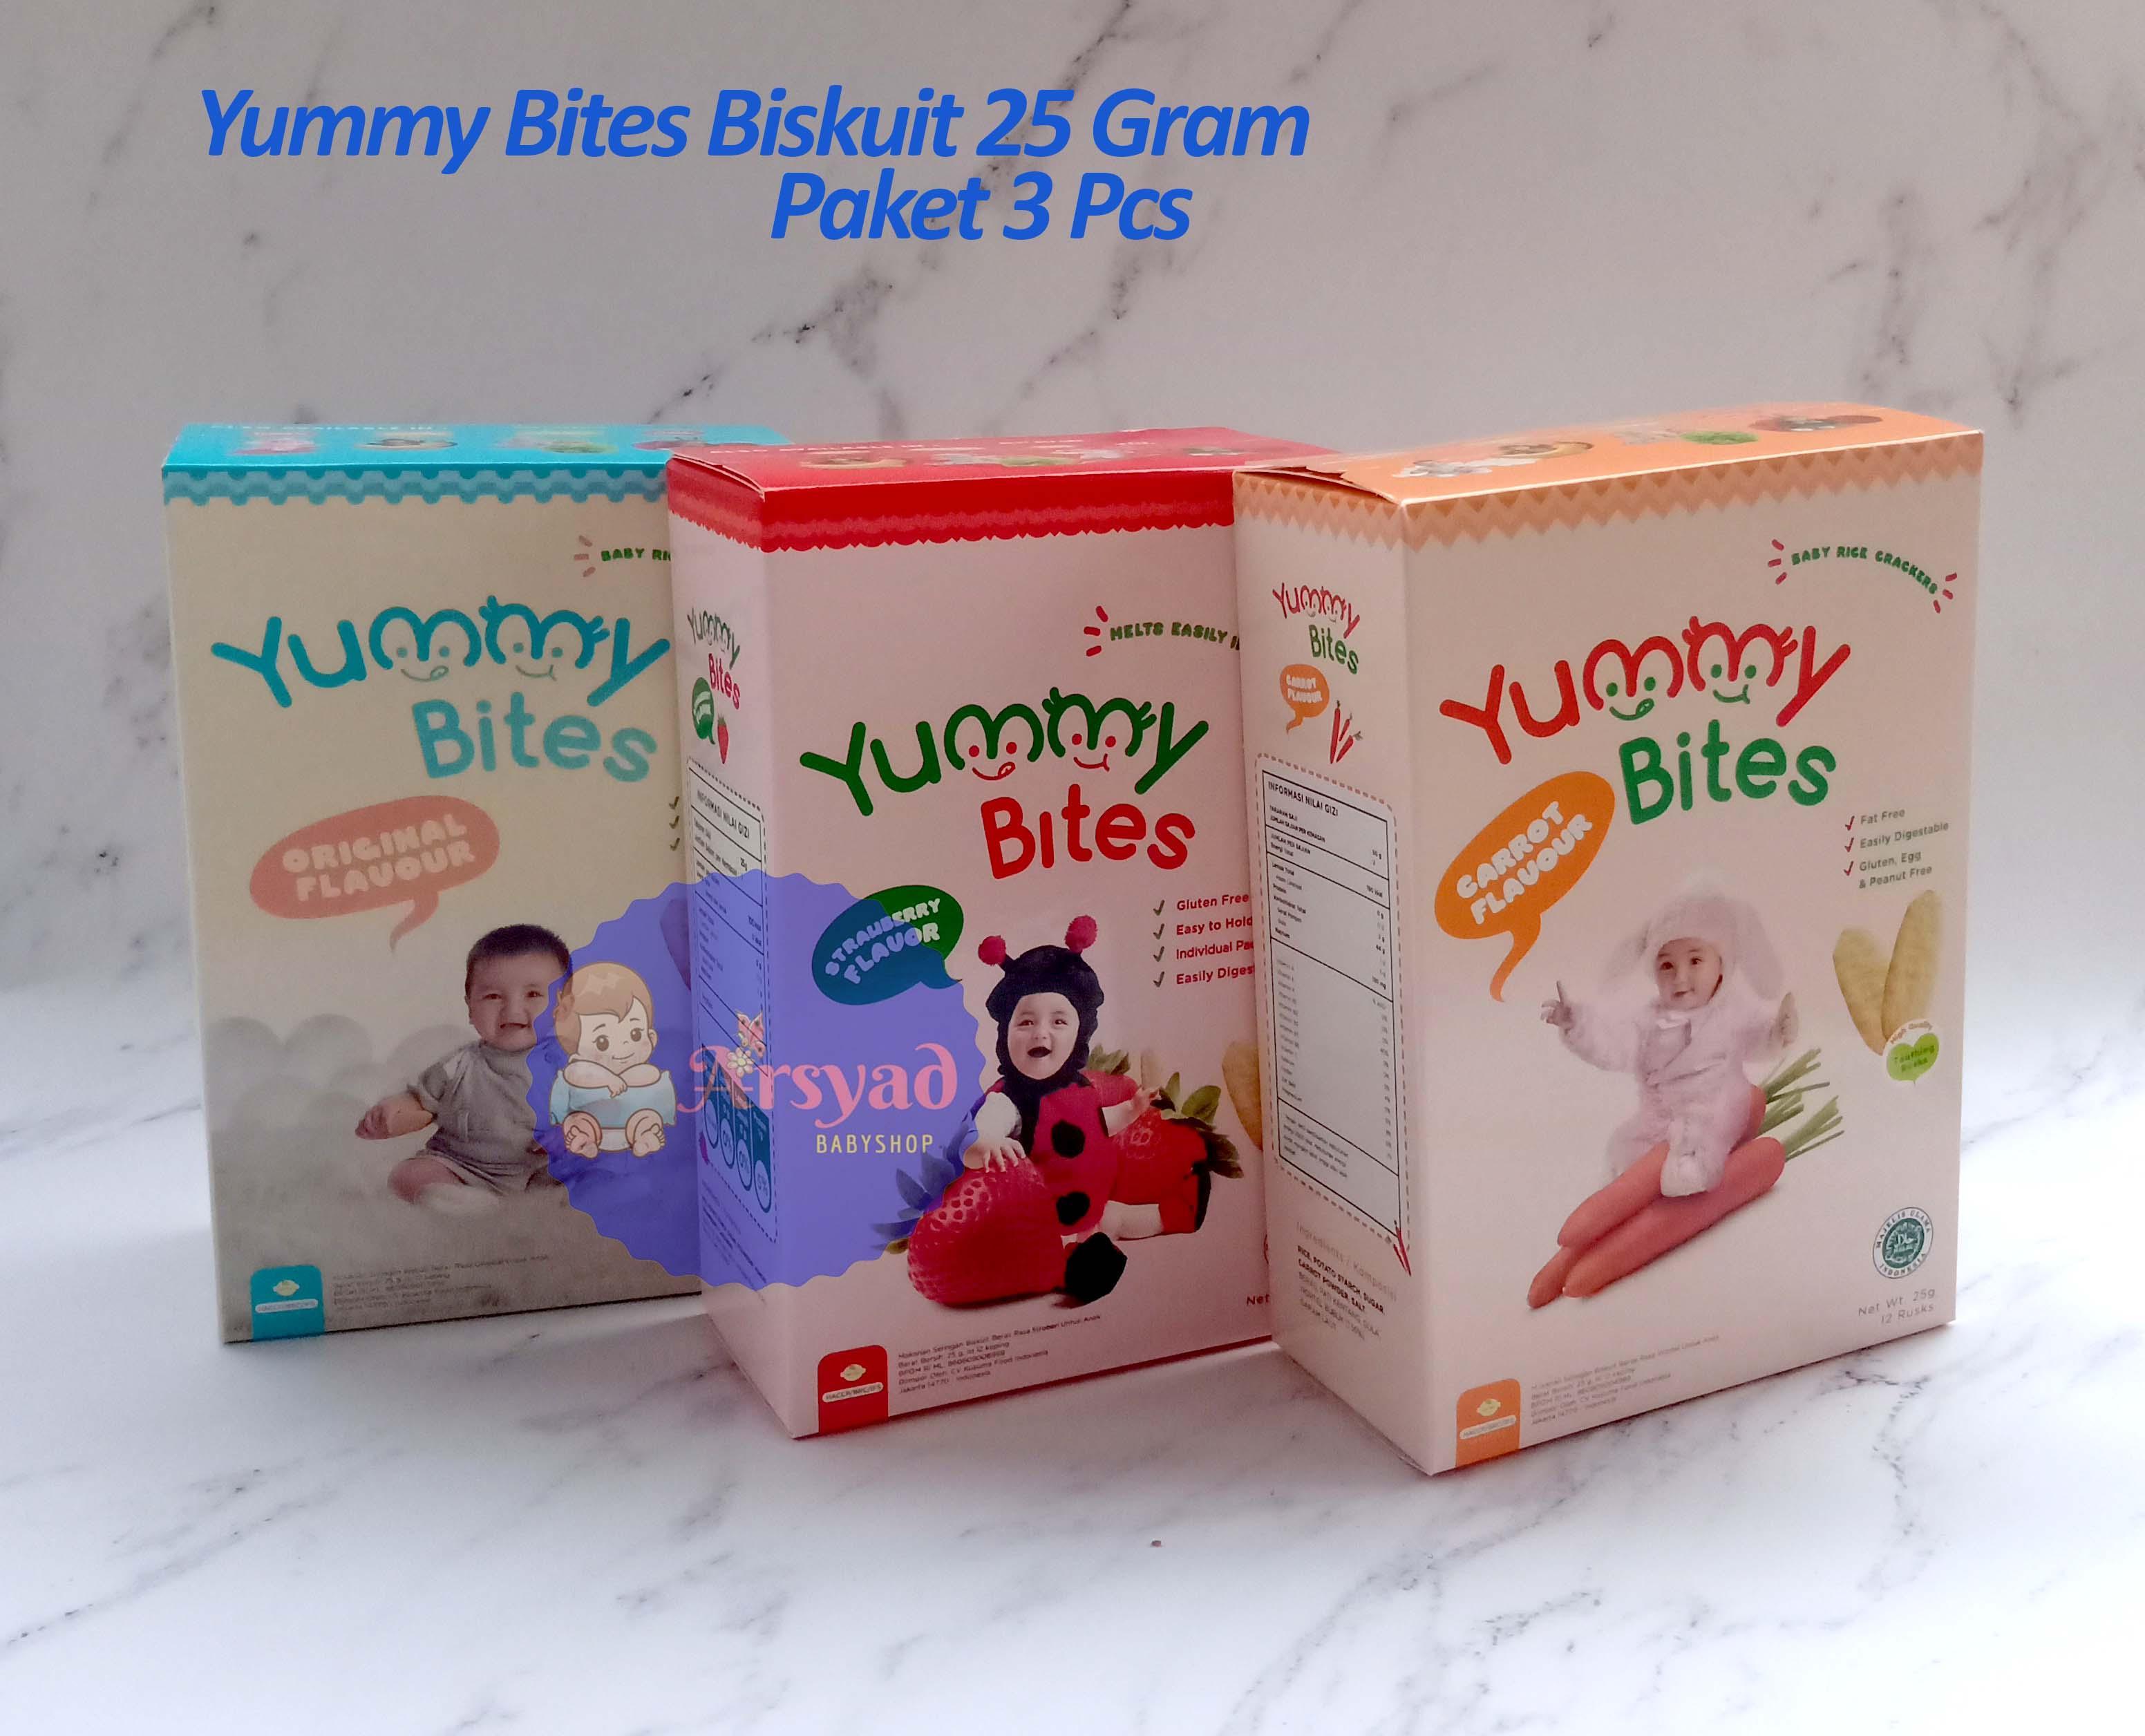 Arsyad Babyshop - Paket 3 Pcs Yummy Bites Rice Crackers 25 Gram - Makanan Anak Biskuit Bayi By Arsyad Babyshop.